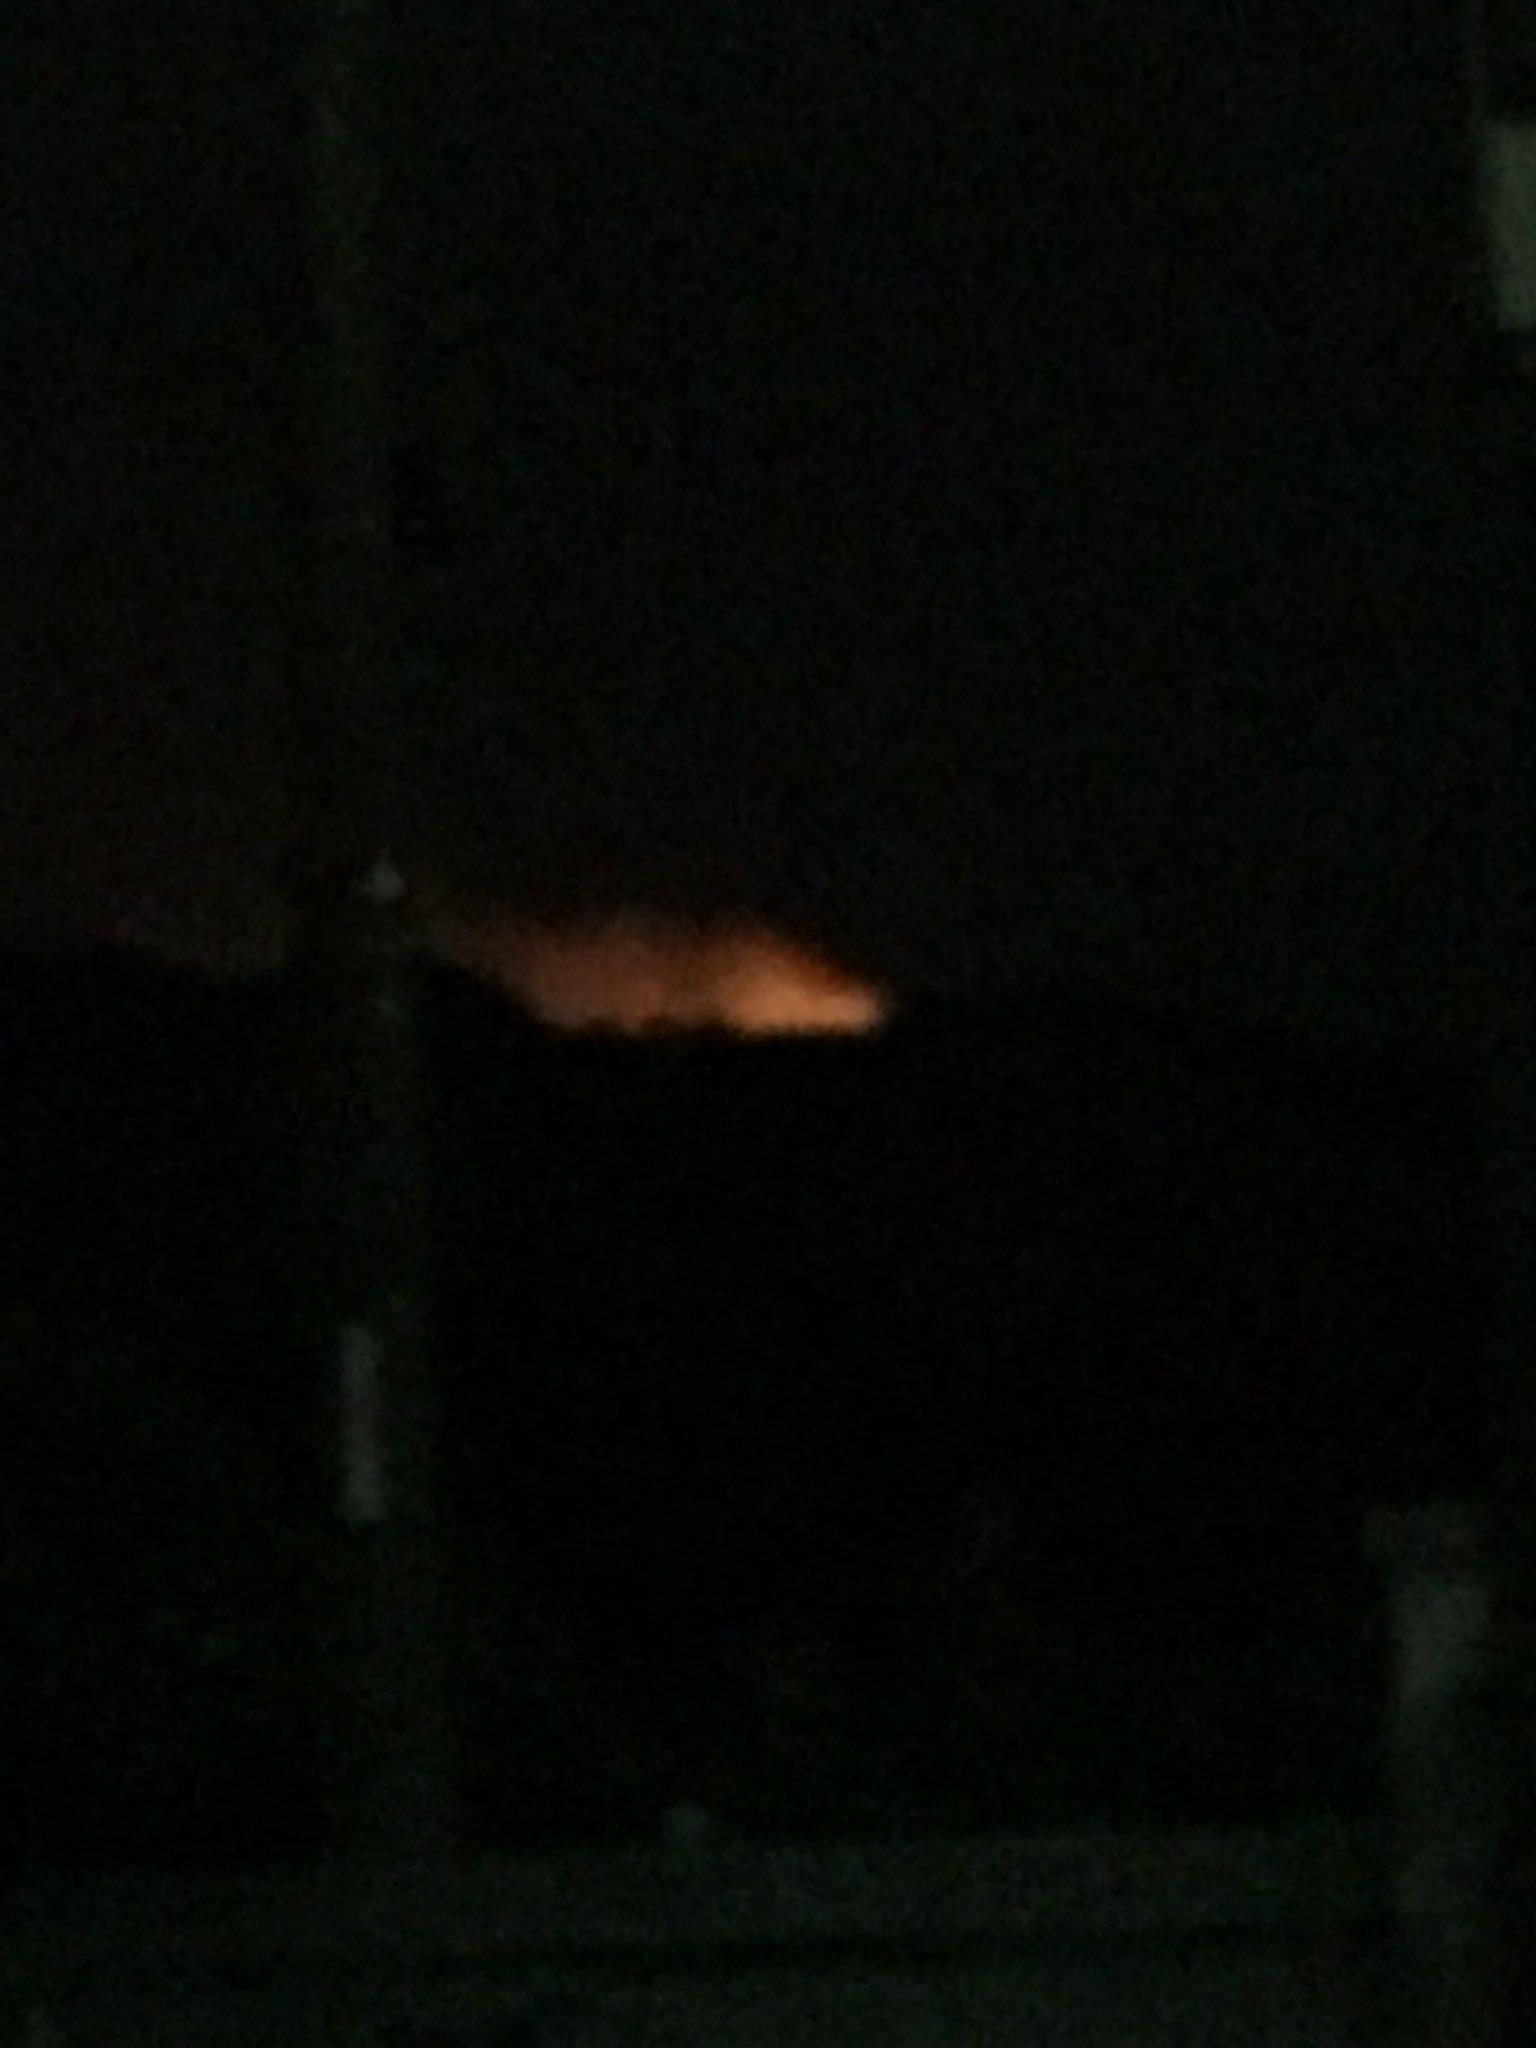 画像,松山道を走行中、山火事らしきものを発見。入野PAから撮影。消防のサイレンが鳴り響いているので、火事なのは間違いない😥山火事なら、この強風は最悪... https…